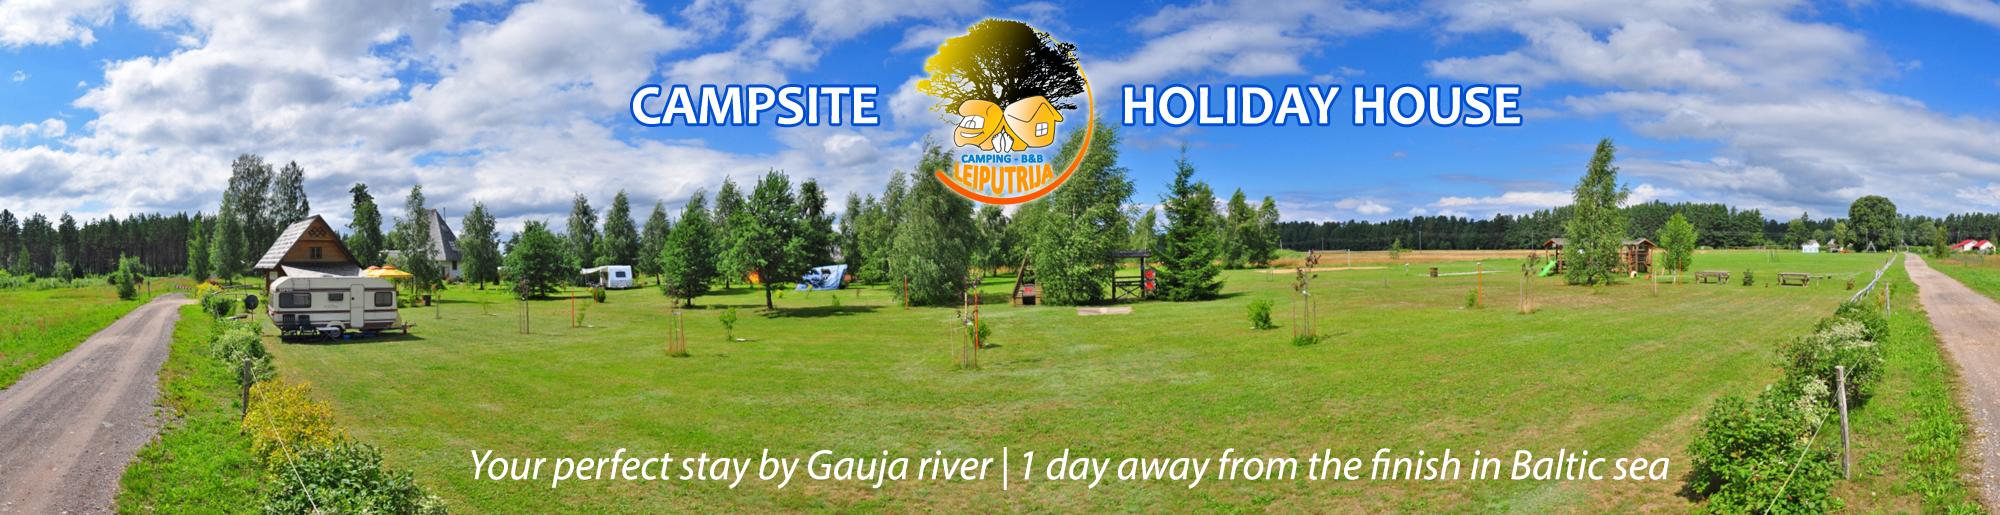 Leiputrija-bestcampsite-holiday-house-near-Riga-Sigulda-Gauja